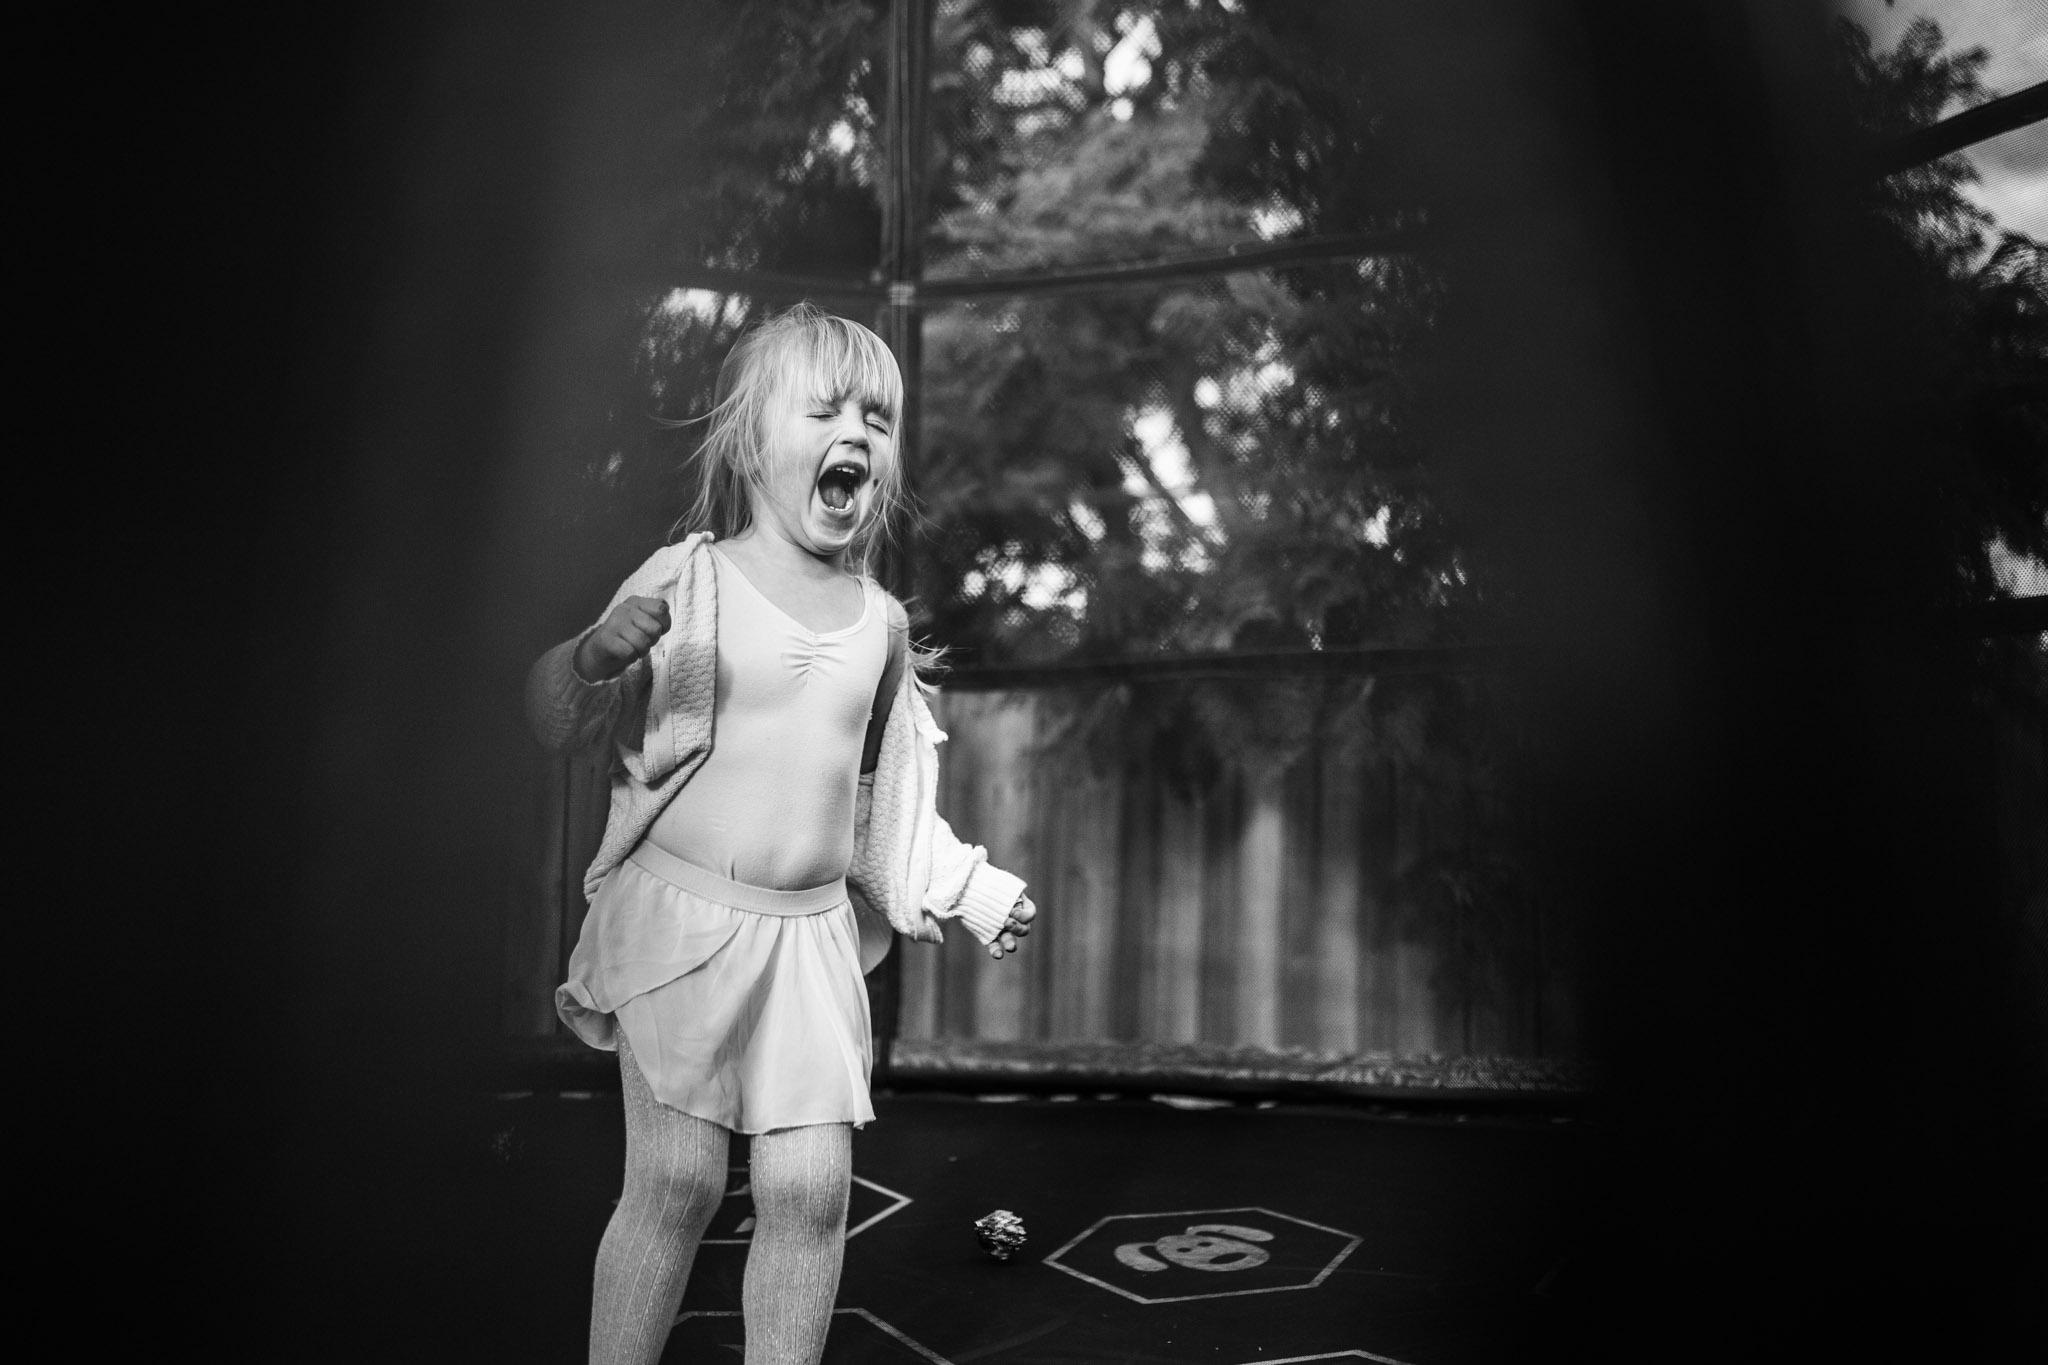 Girl screaming on trampoline.